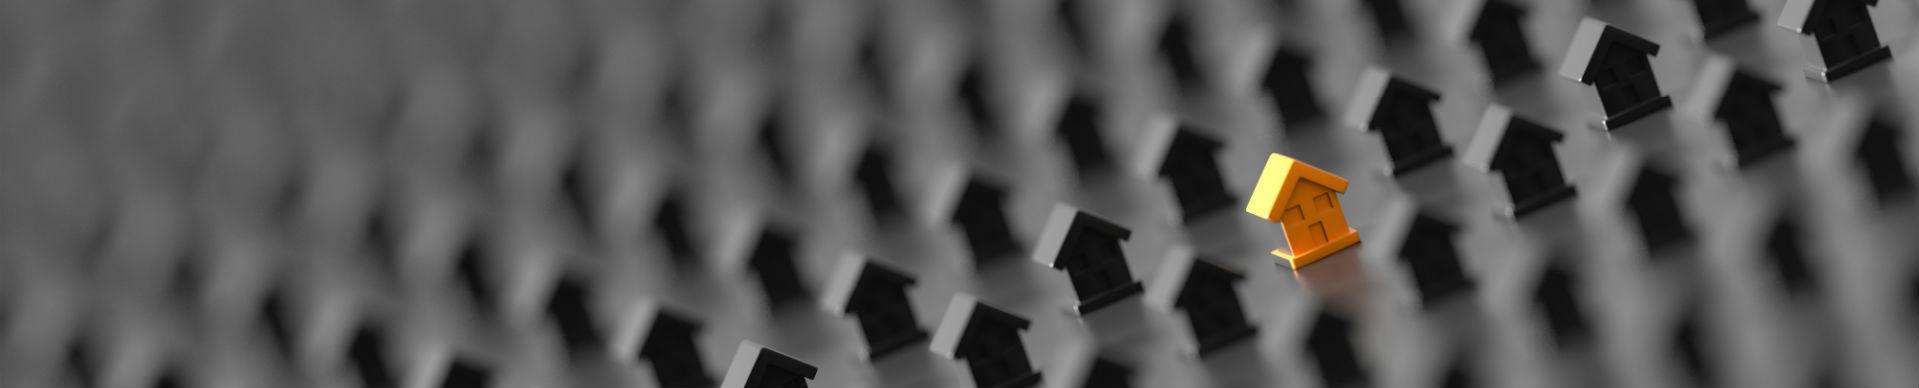 לצבוע את הבית בשחור